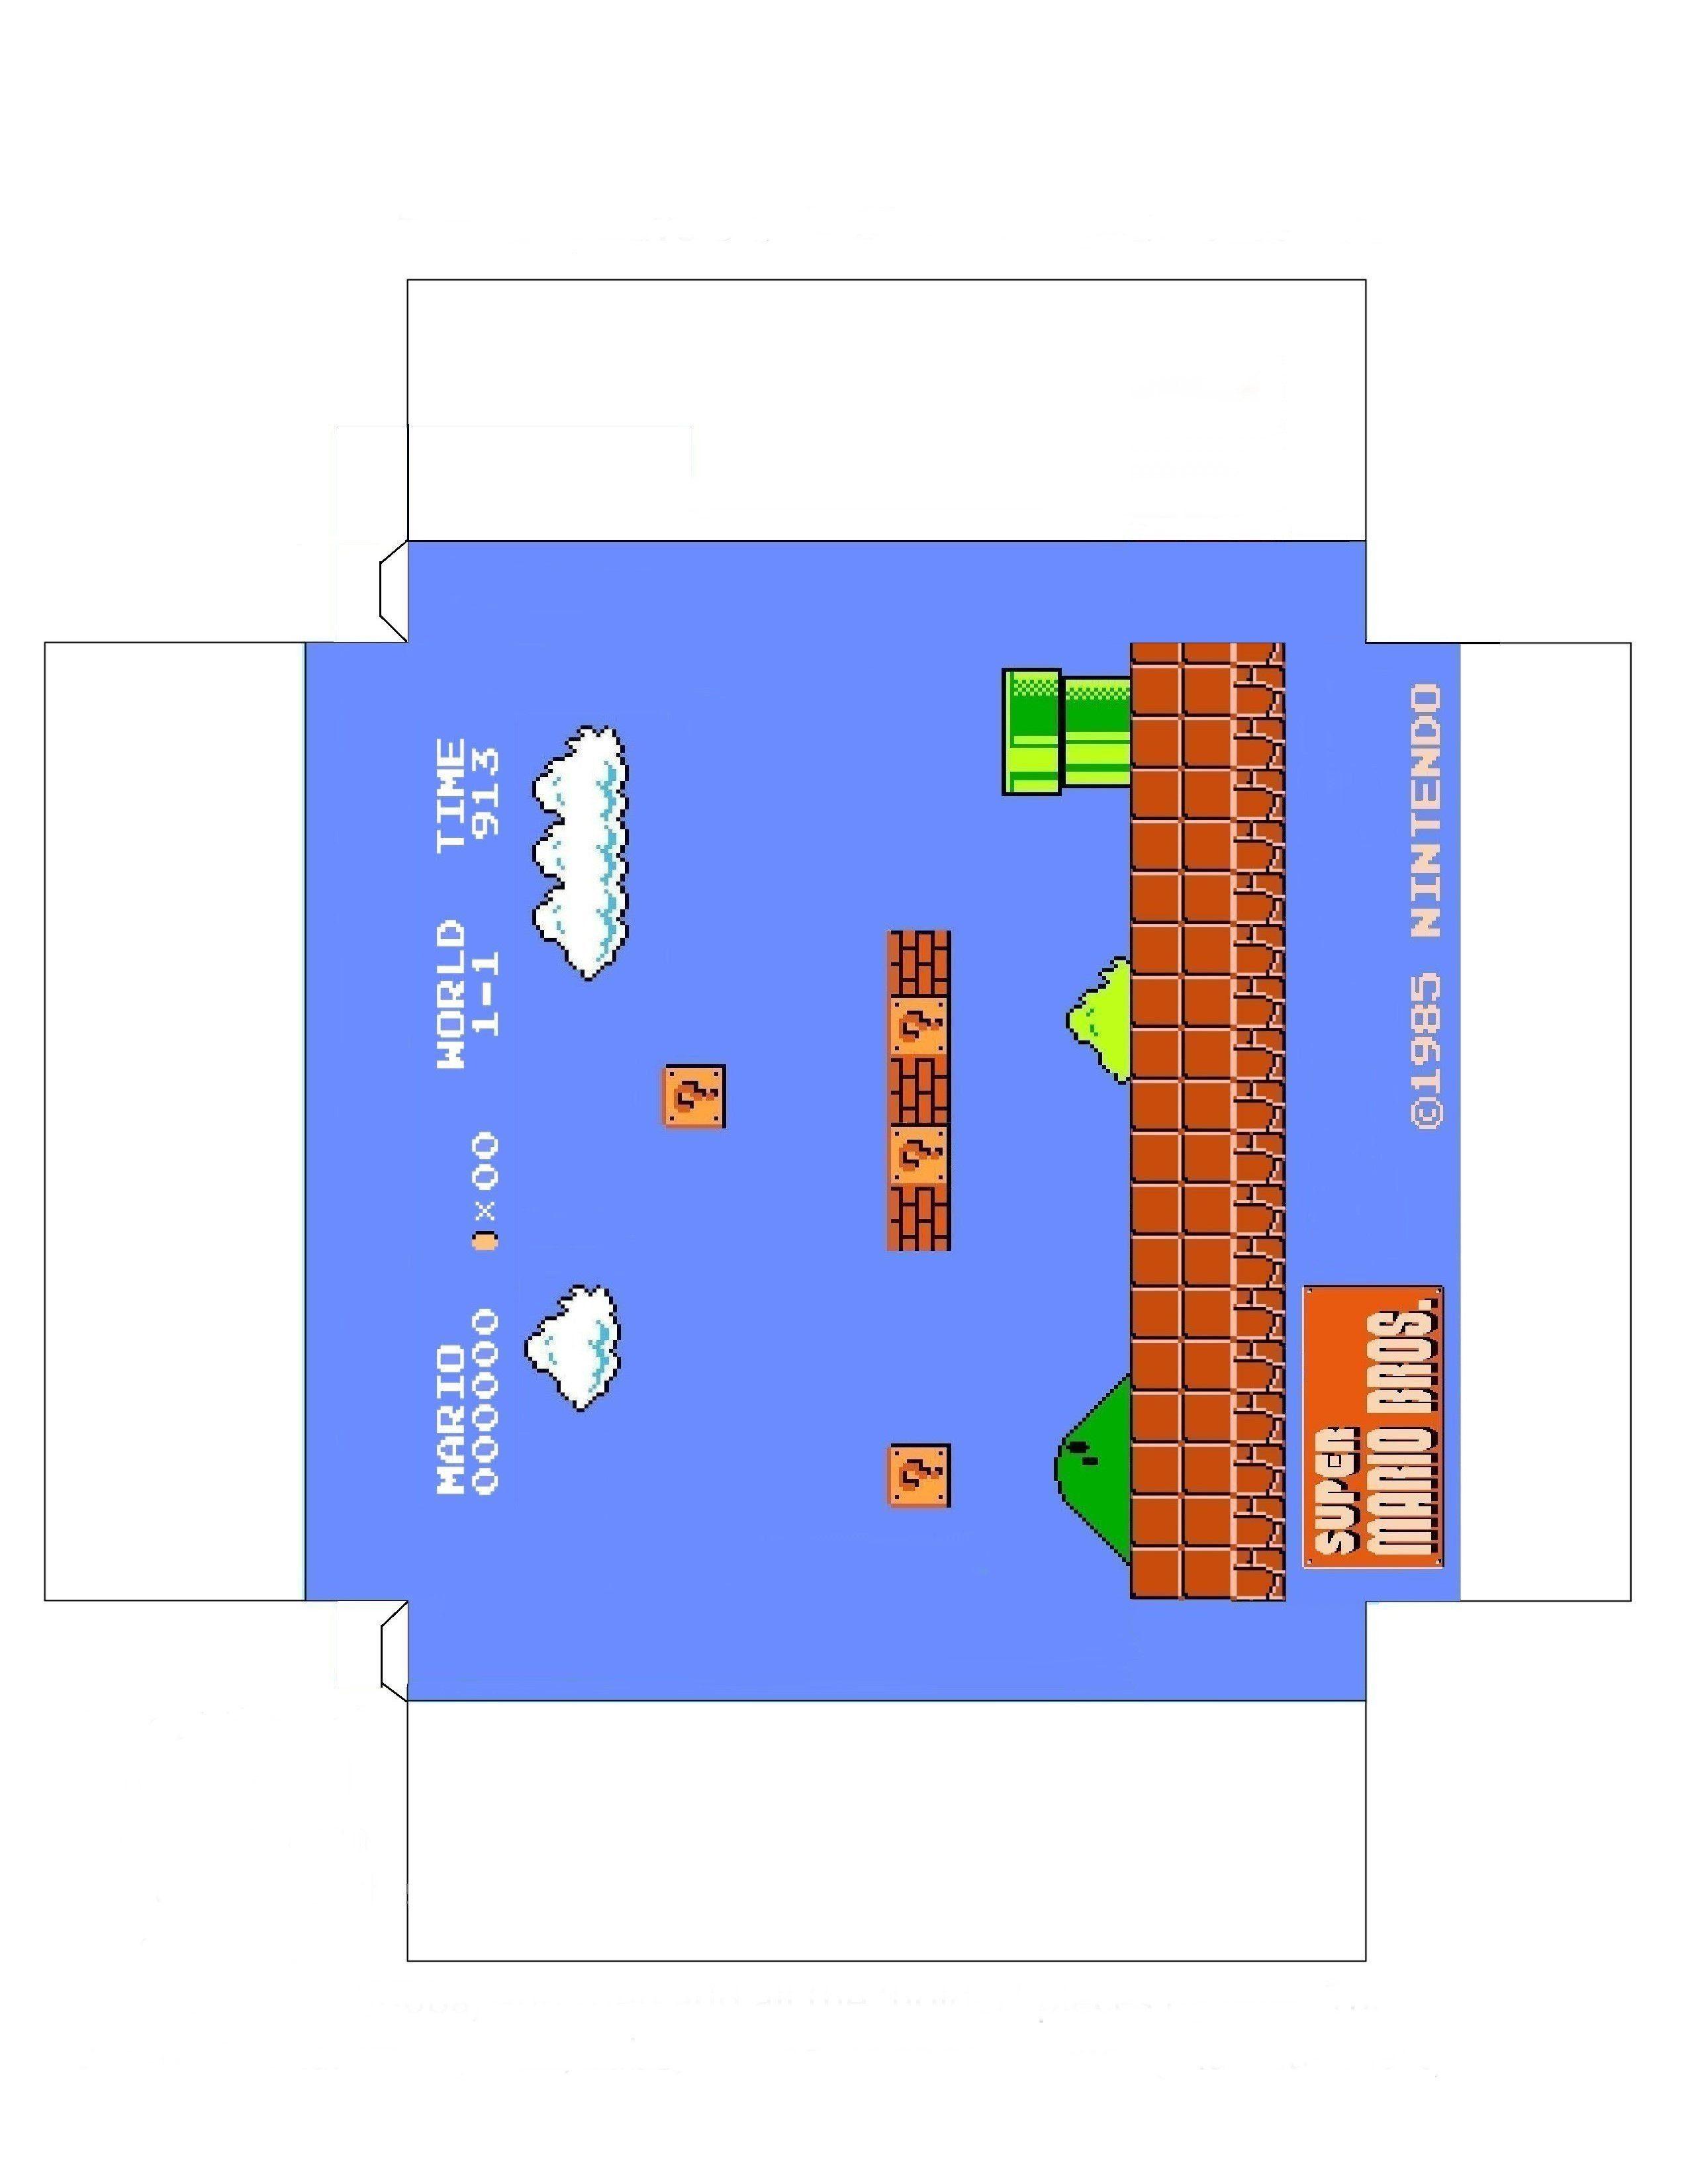 Mario Kart Papercraft Super Mario Bros Diorama Papercraft Geek&freak&friki